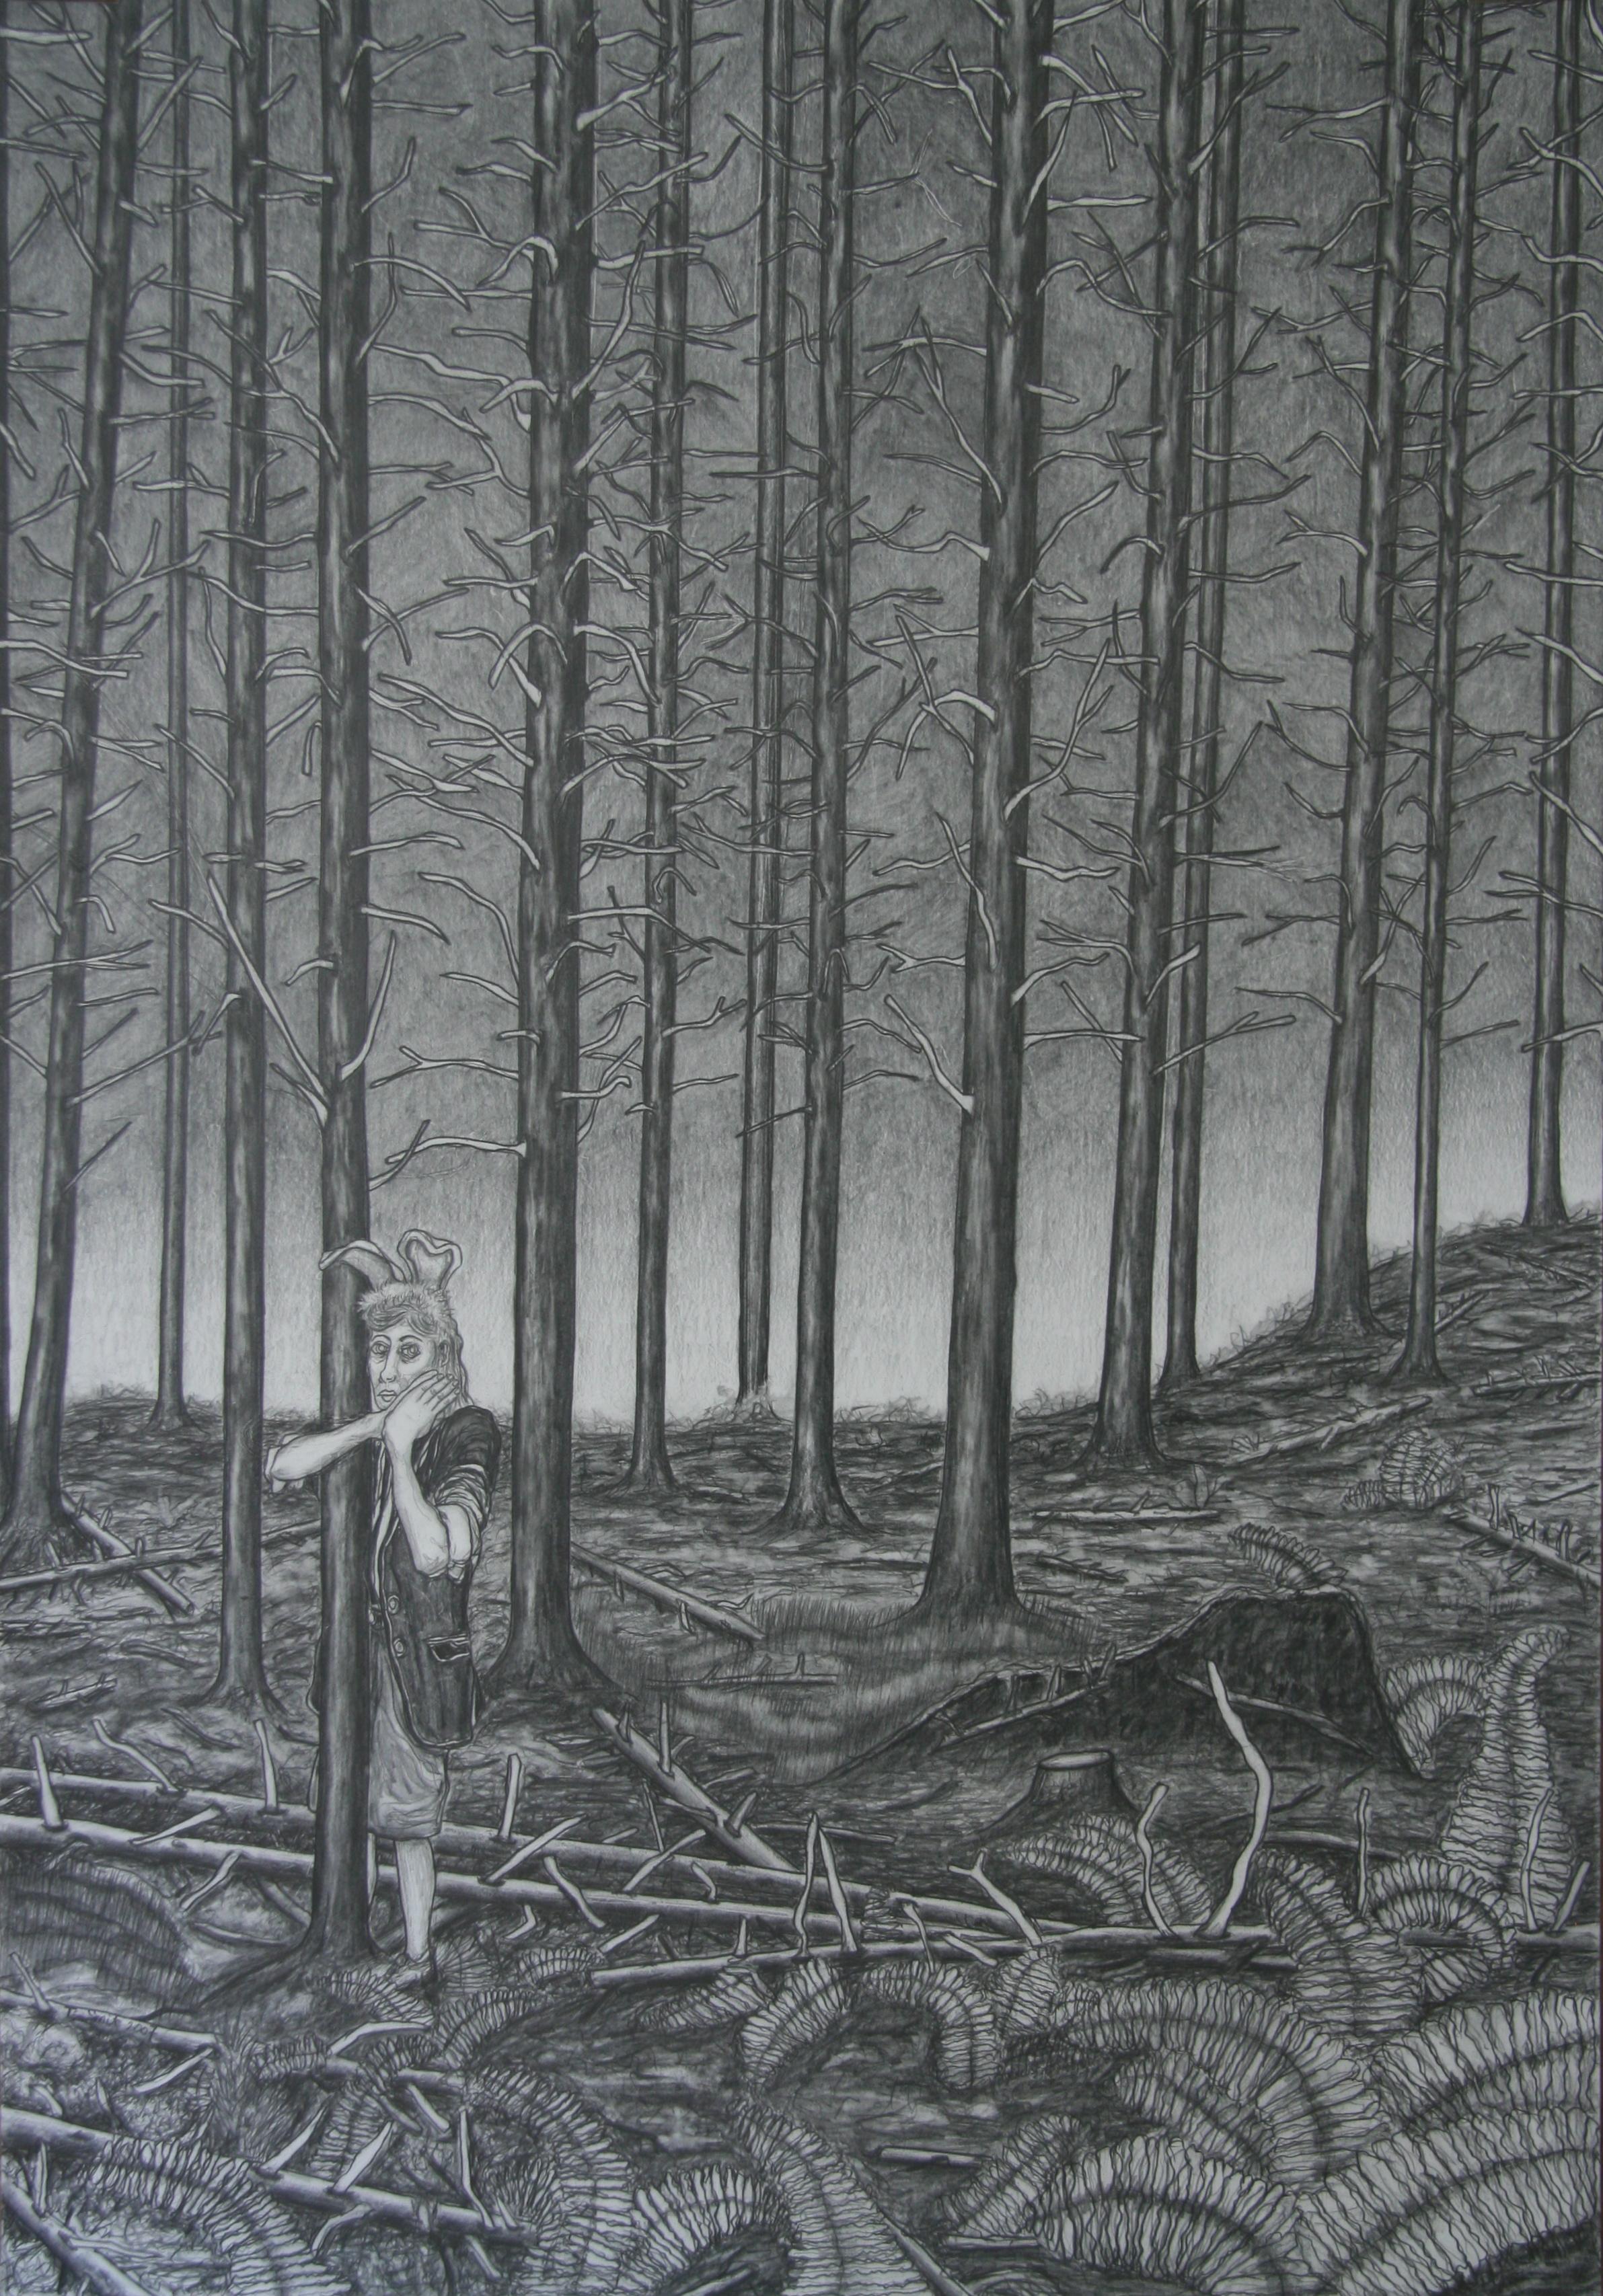 Alleen in het woud, 100x70cm, pencil on paper